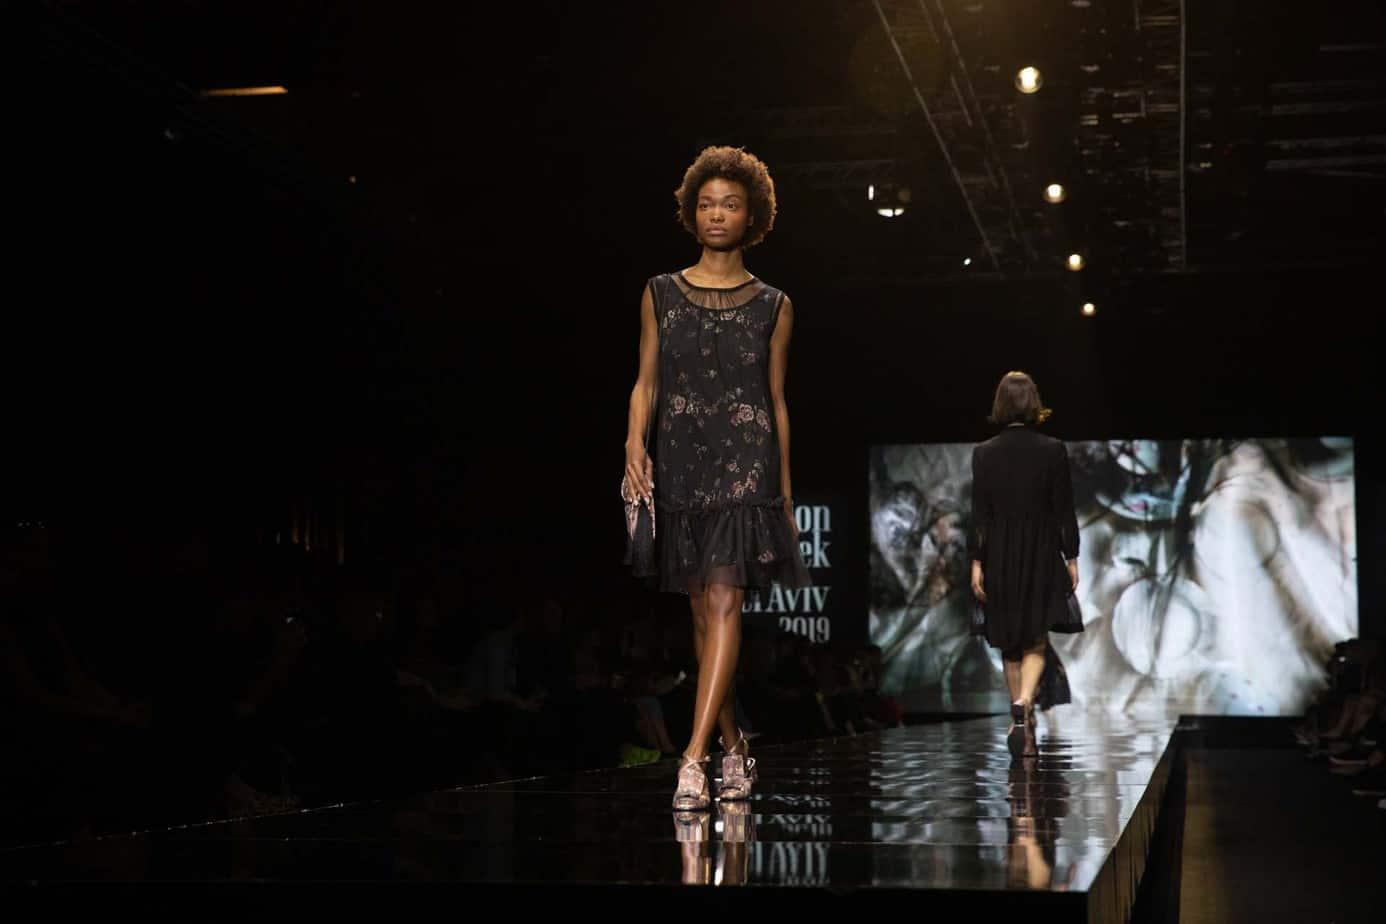 דורין פרקפורט. שבוע האופנה תל אביב 2019. צילום עומר קפלן -18